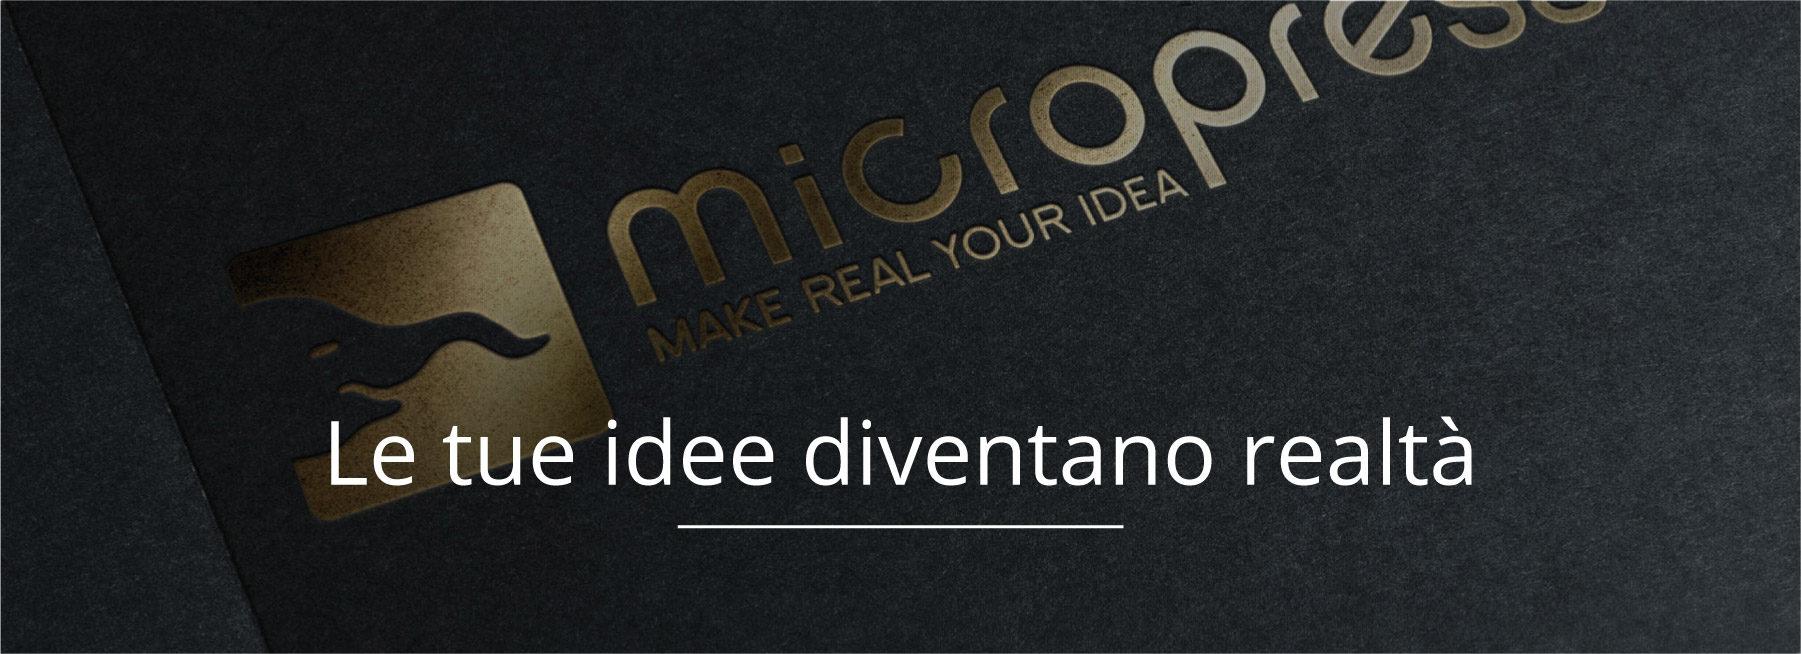 Logo fondo nero - Micropress srl - Fermo